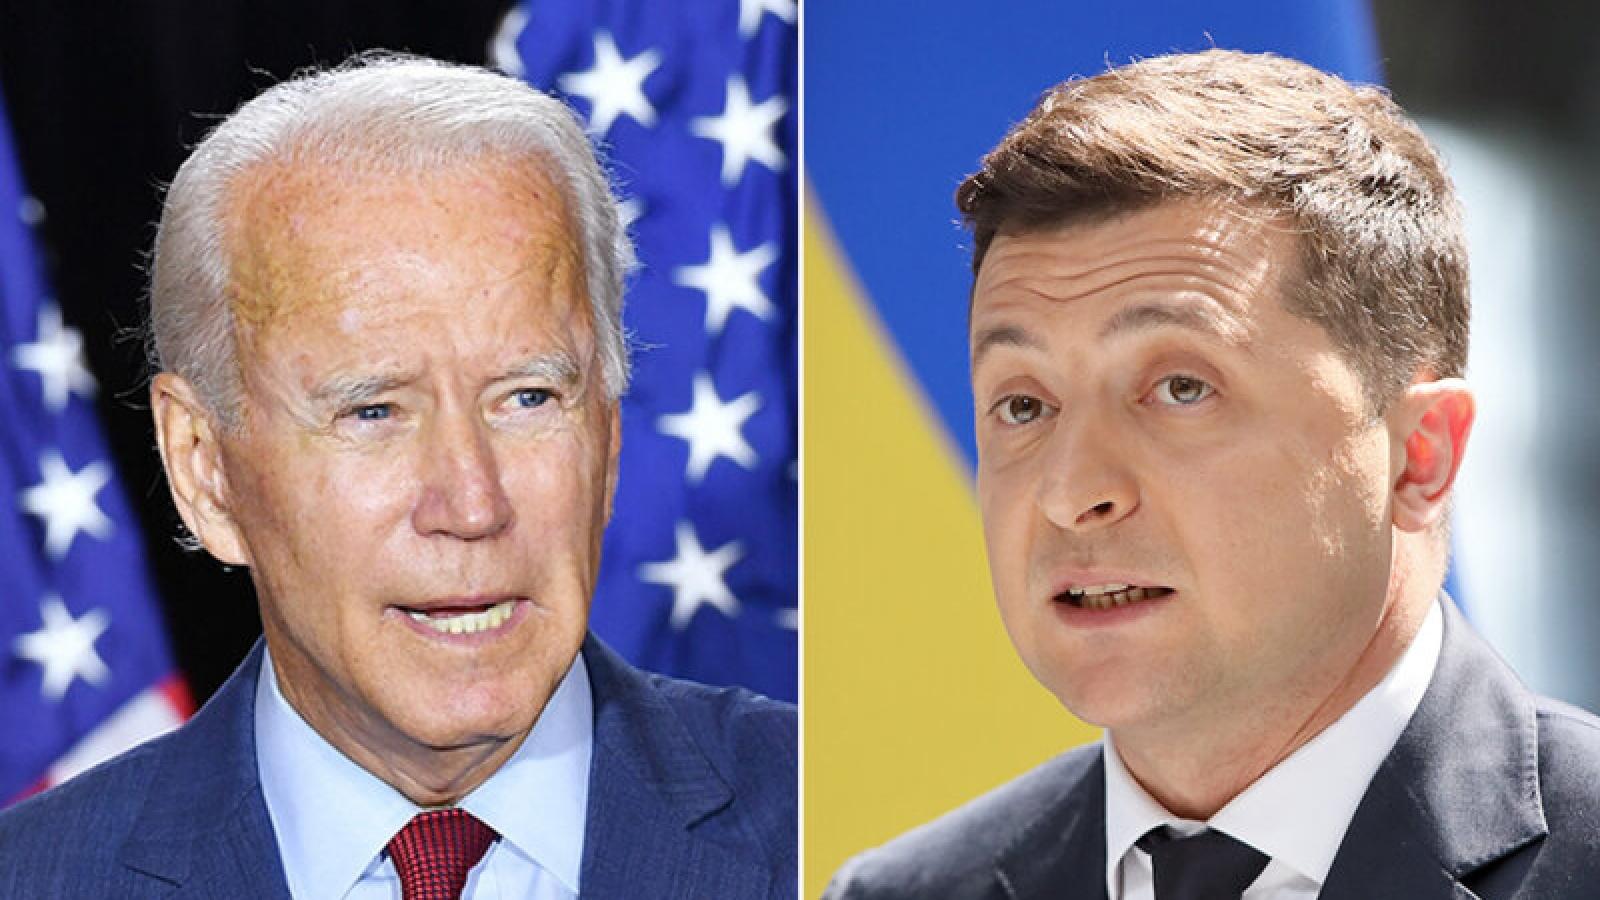 Tổng thống Mỹ Biden: Ukraine phải giải quyết tham nhũng trước khi gia nhập NATO